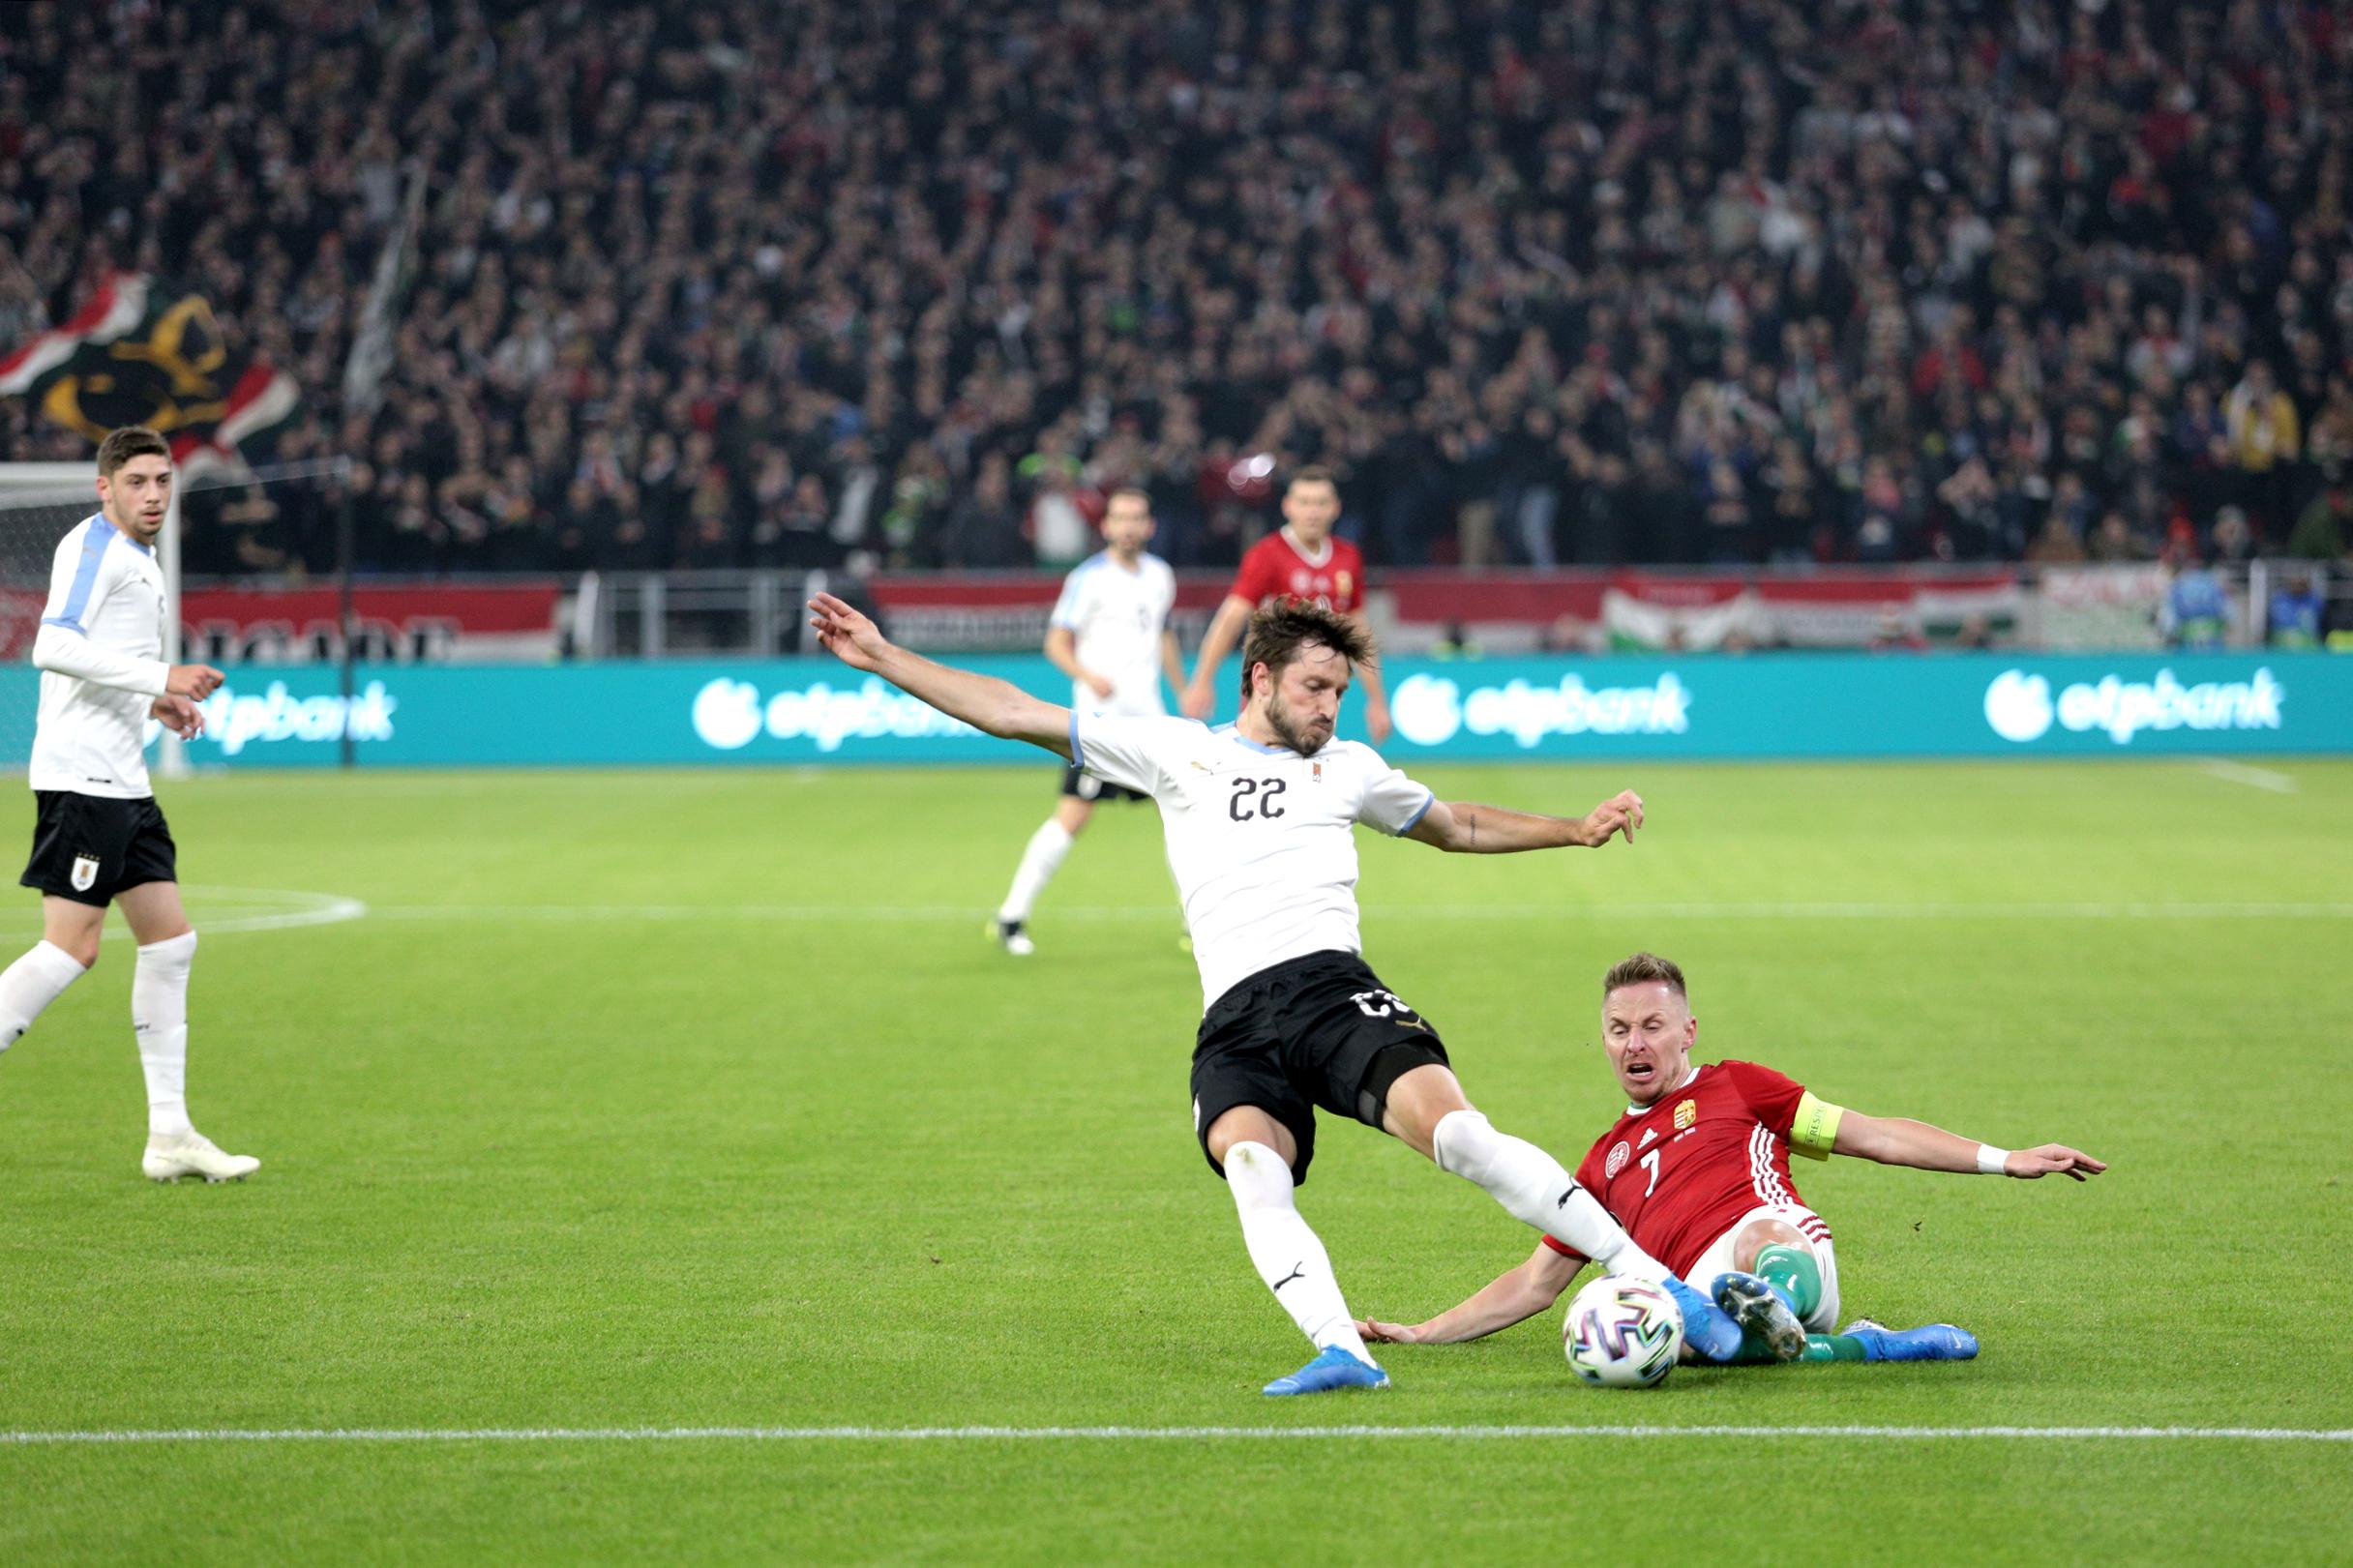 Nagy küzdelem után 2-1-re kikapott a magyar válogatott Uruguaytól a Puskás Aréna nyitómeccsén